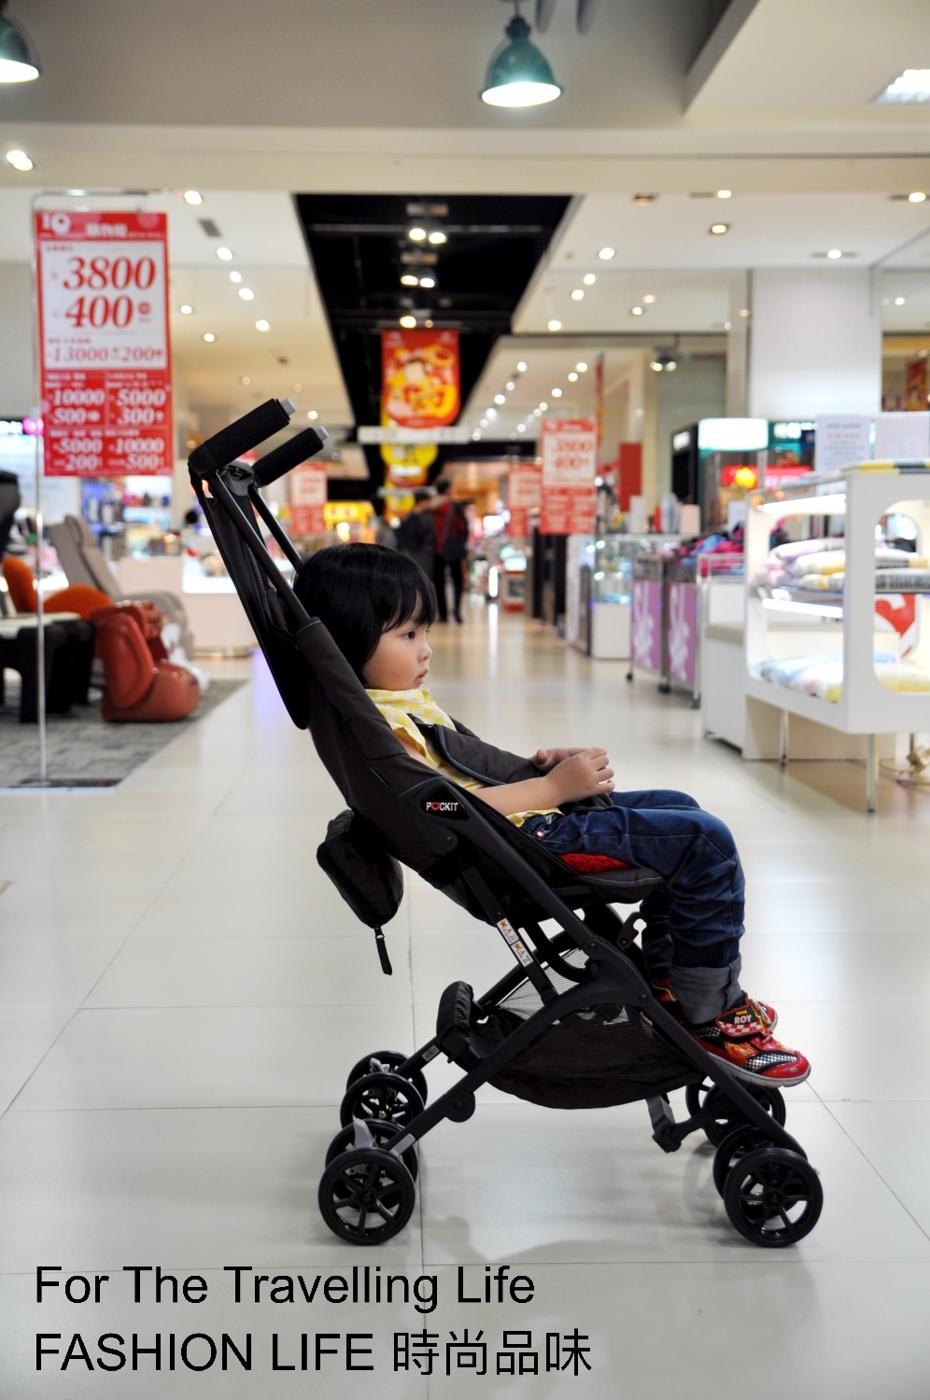 時尚品味嬰兒車出租日本口袋型推車POCKIT新生兒時尚棕色推車出租